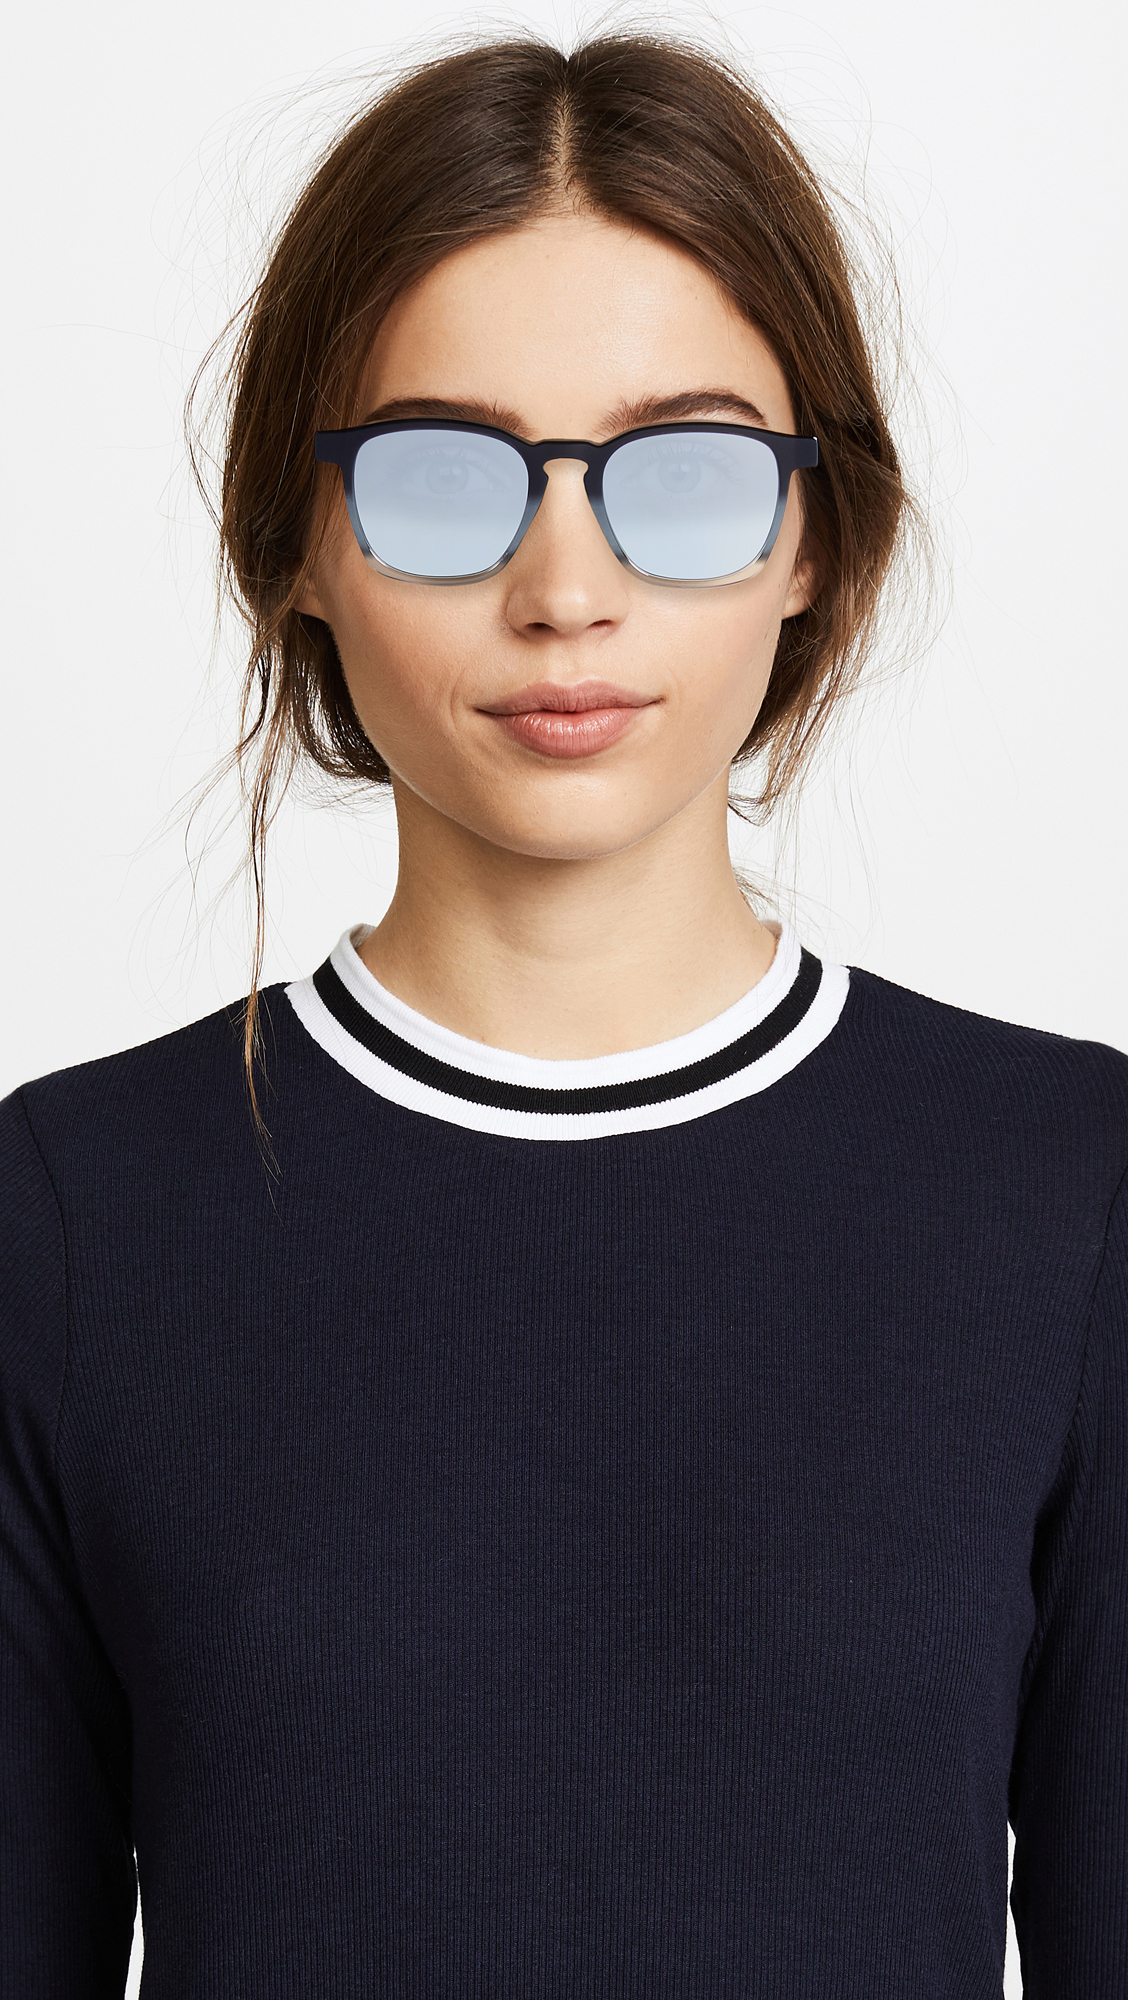 2f1a512714fee Super Sunglasses Unico Monochrome Fade Sunglasses